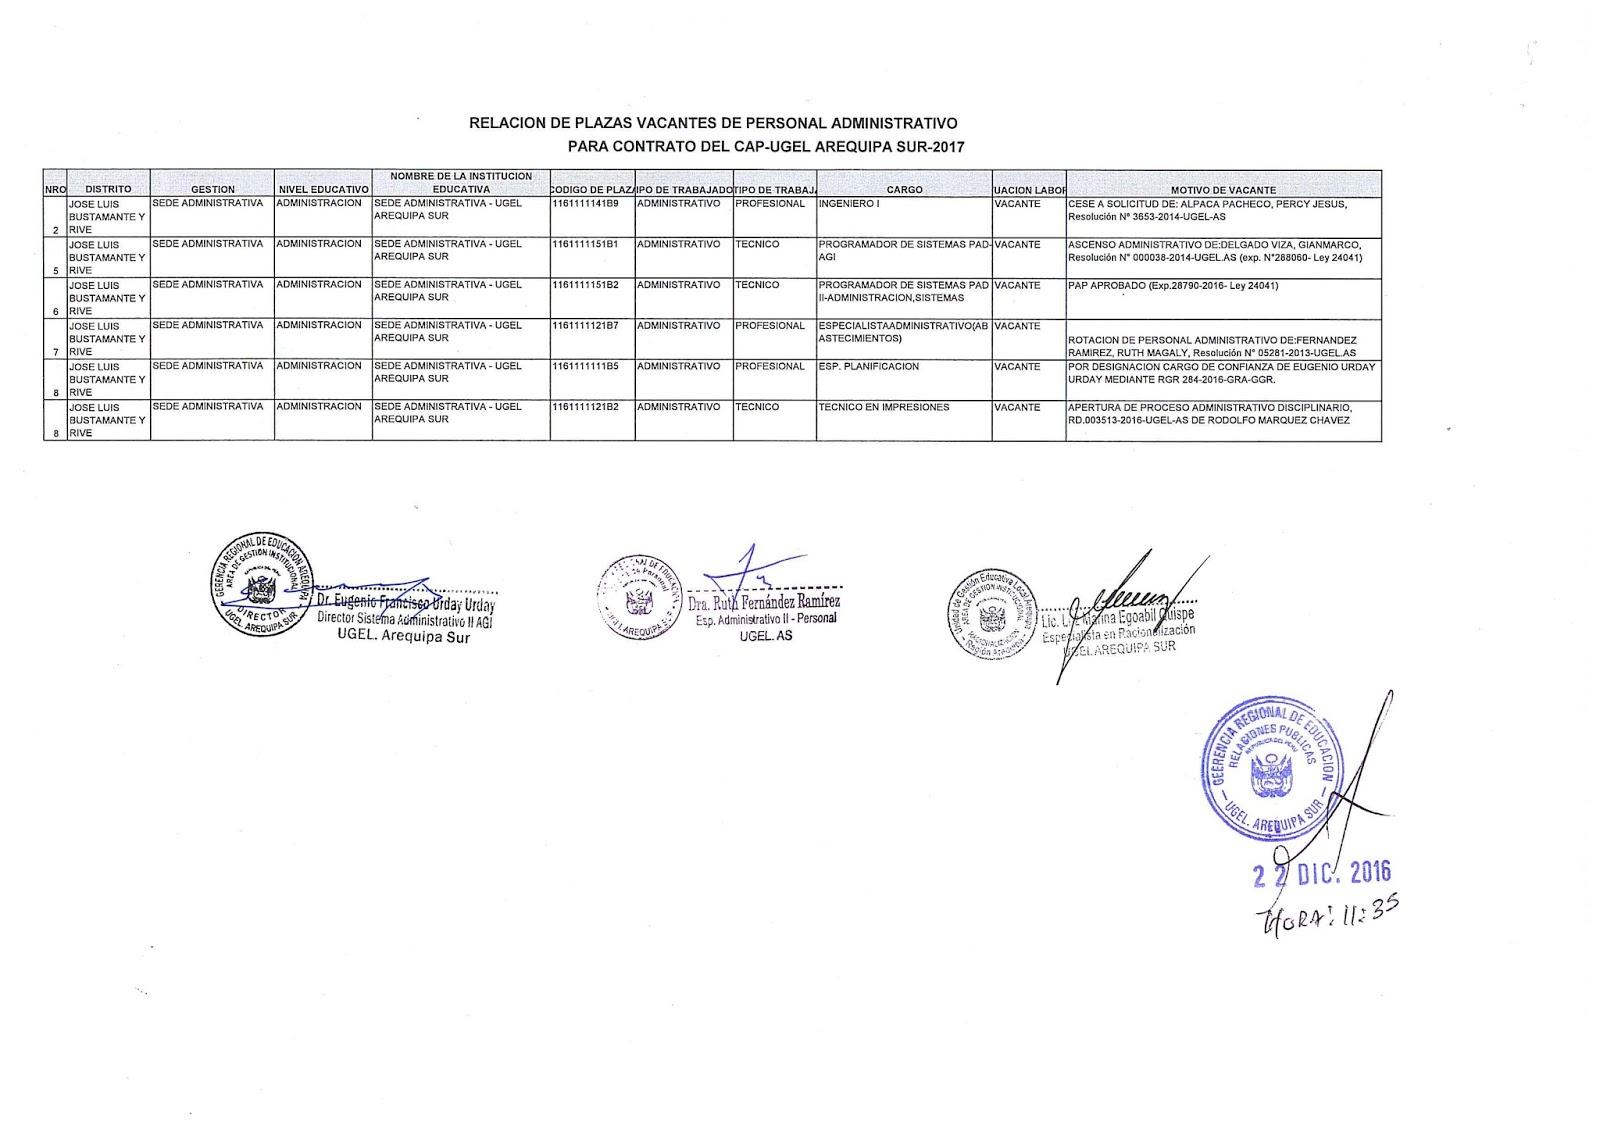 Plazas vacantes de personal administrativo para contrato for Plazas vacantes concurso docente 2016